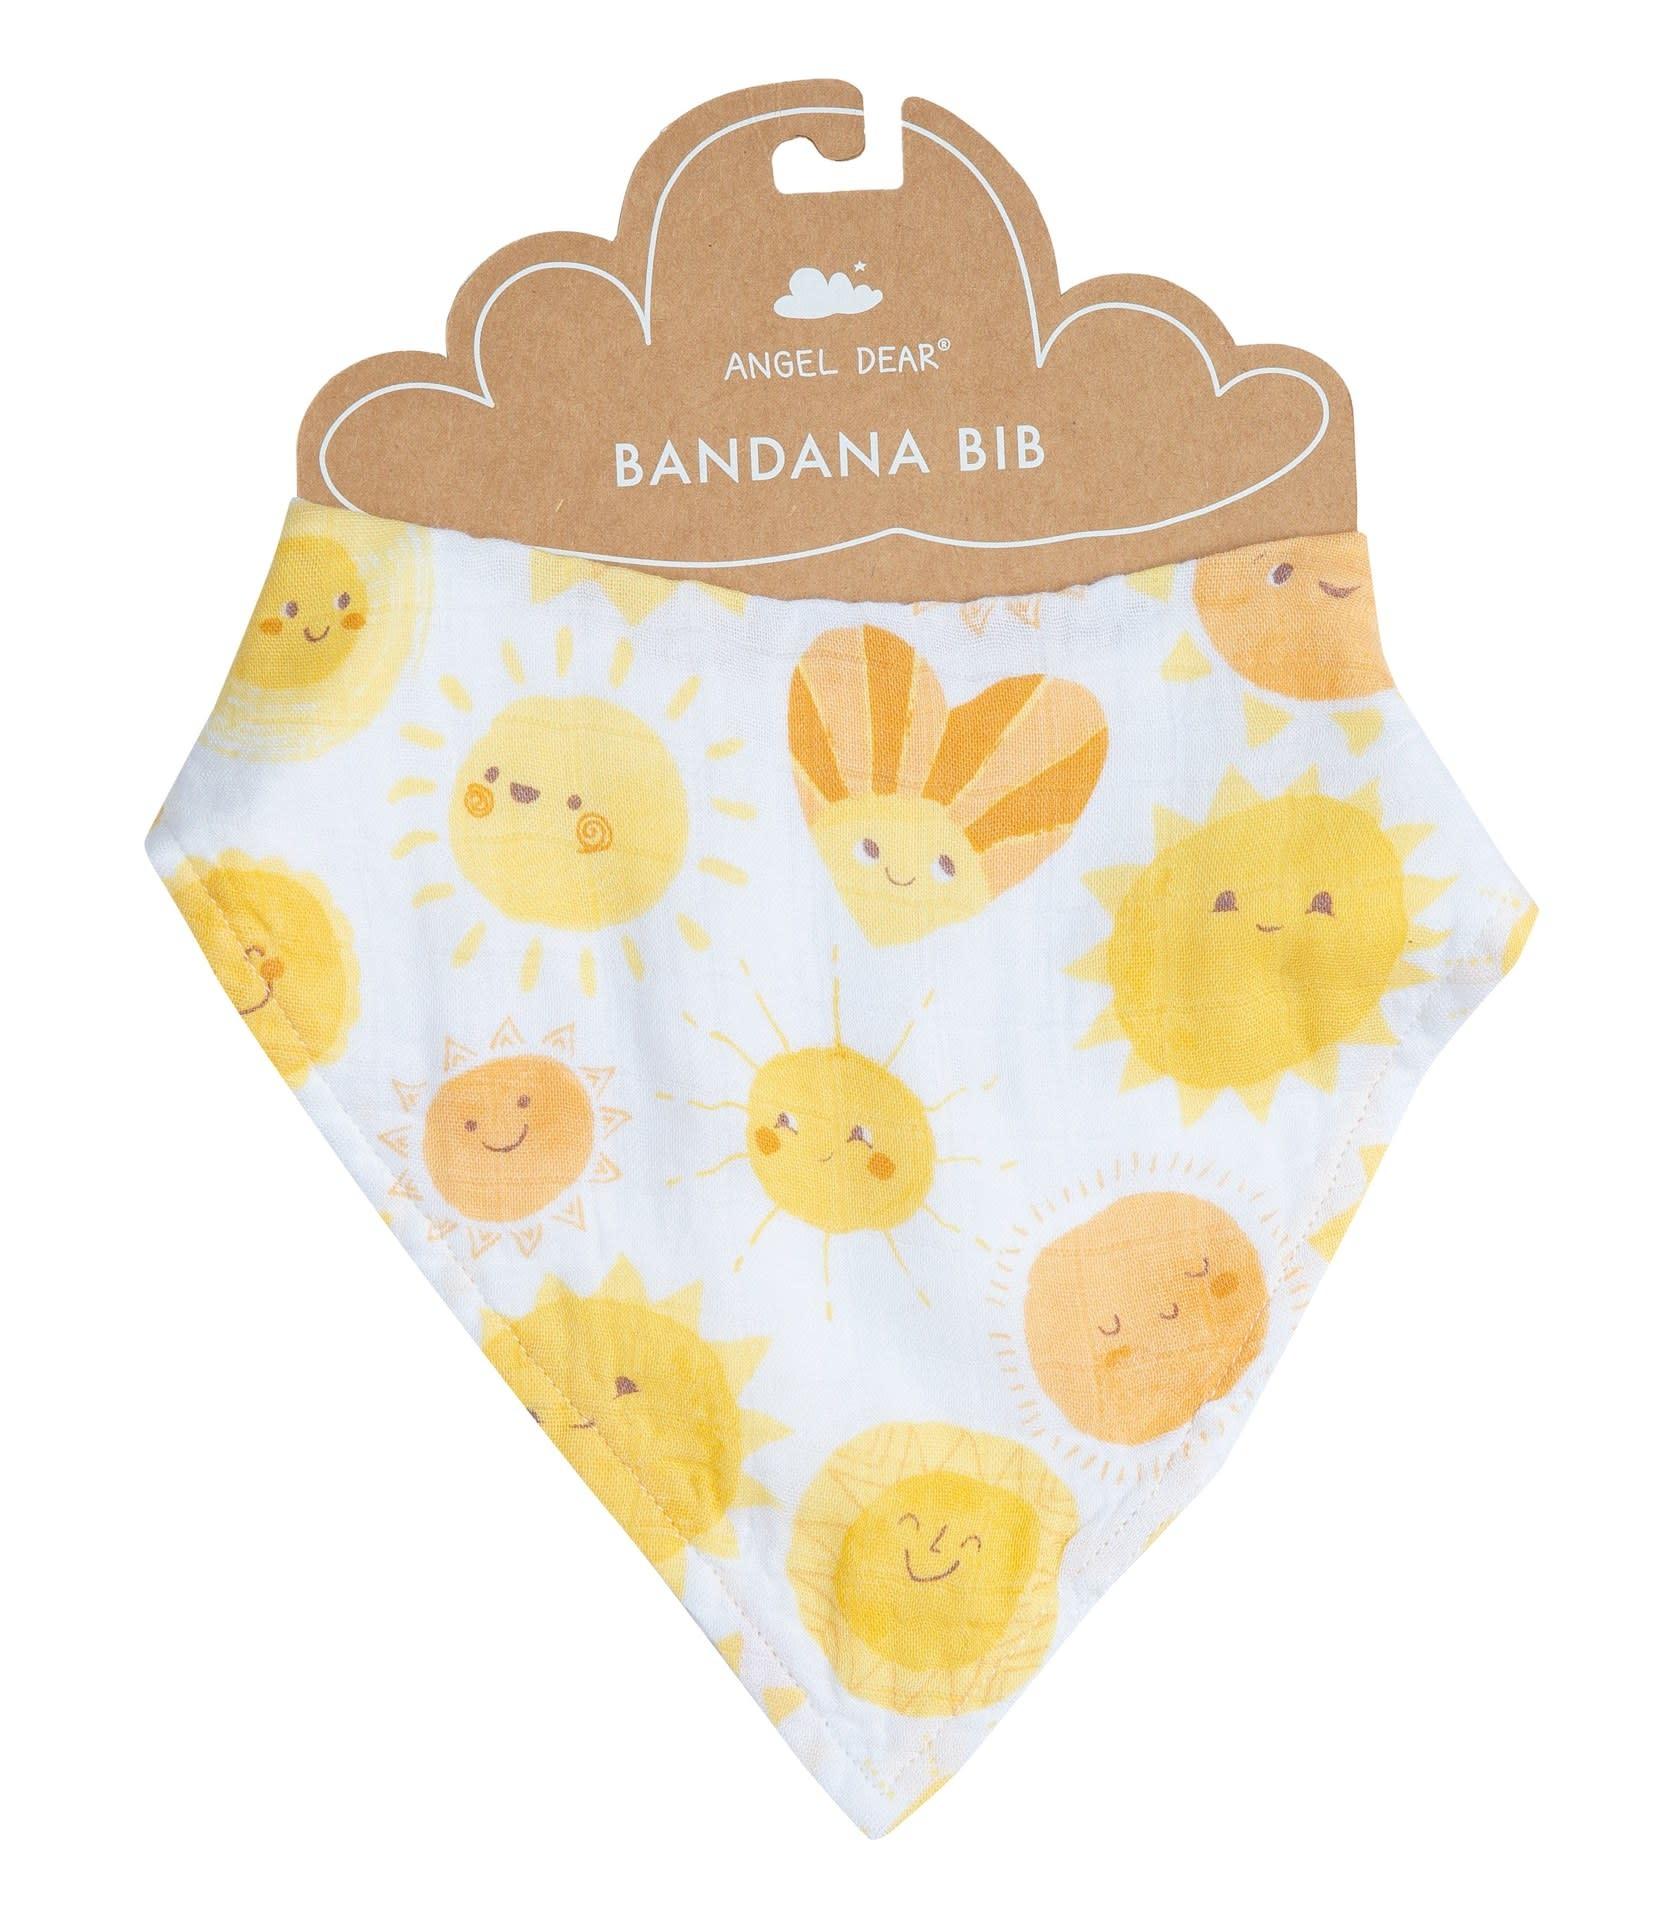 Angel Dear Bandana Bib, Sunshine